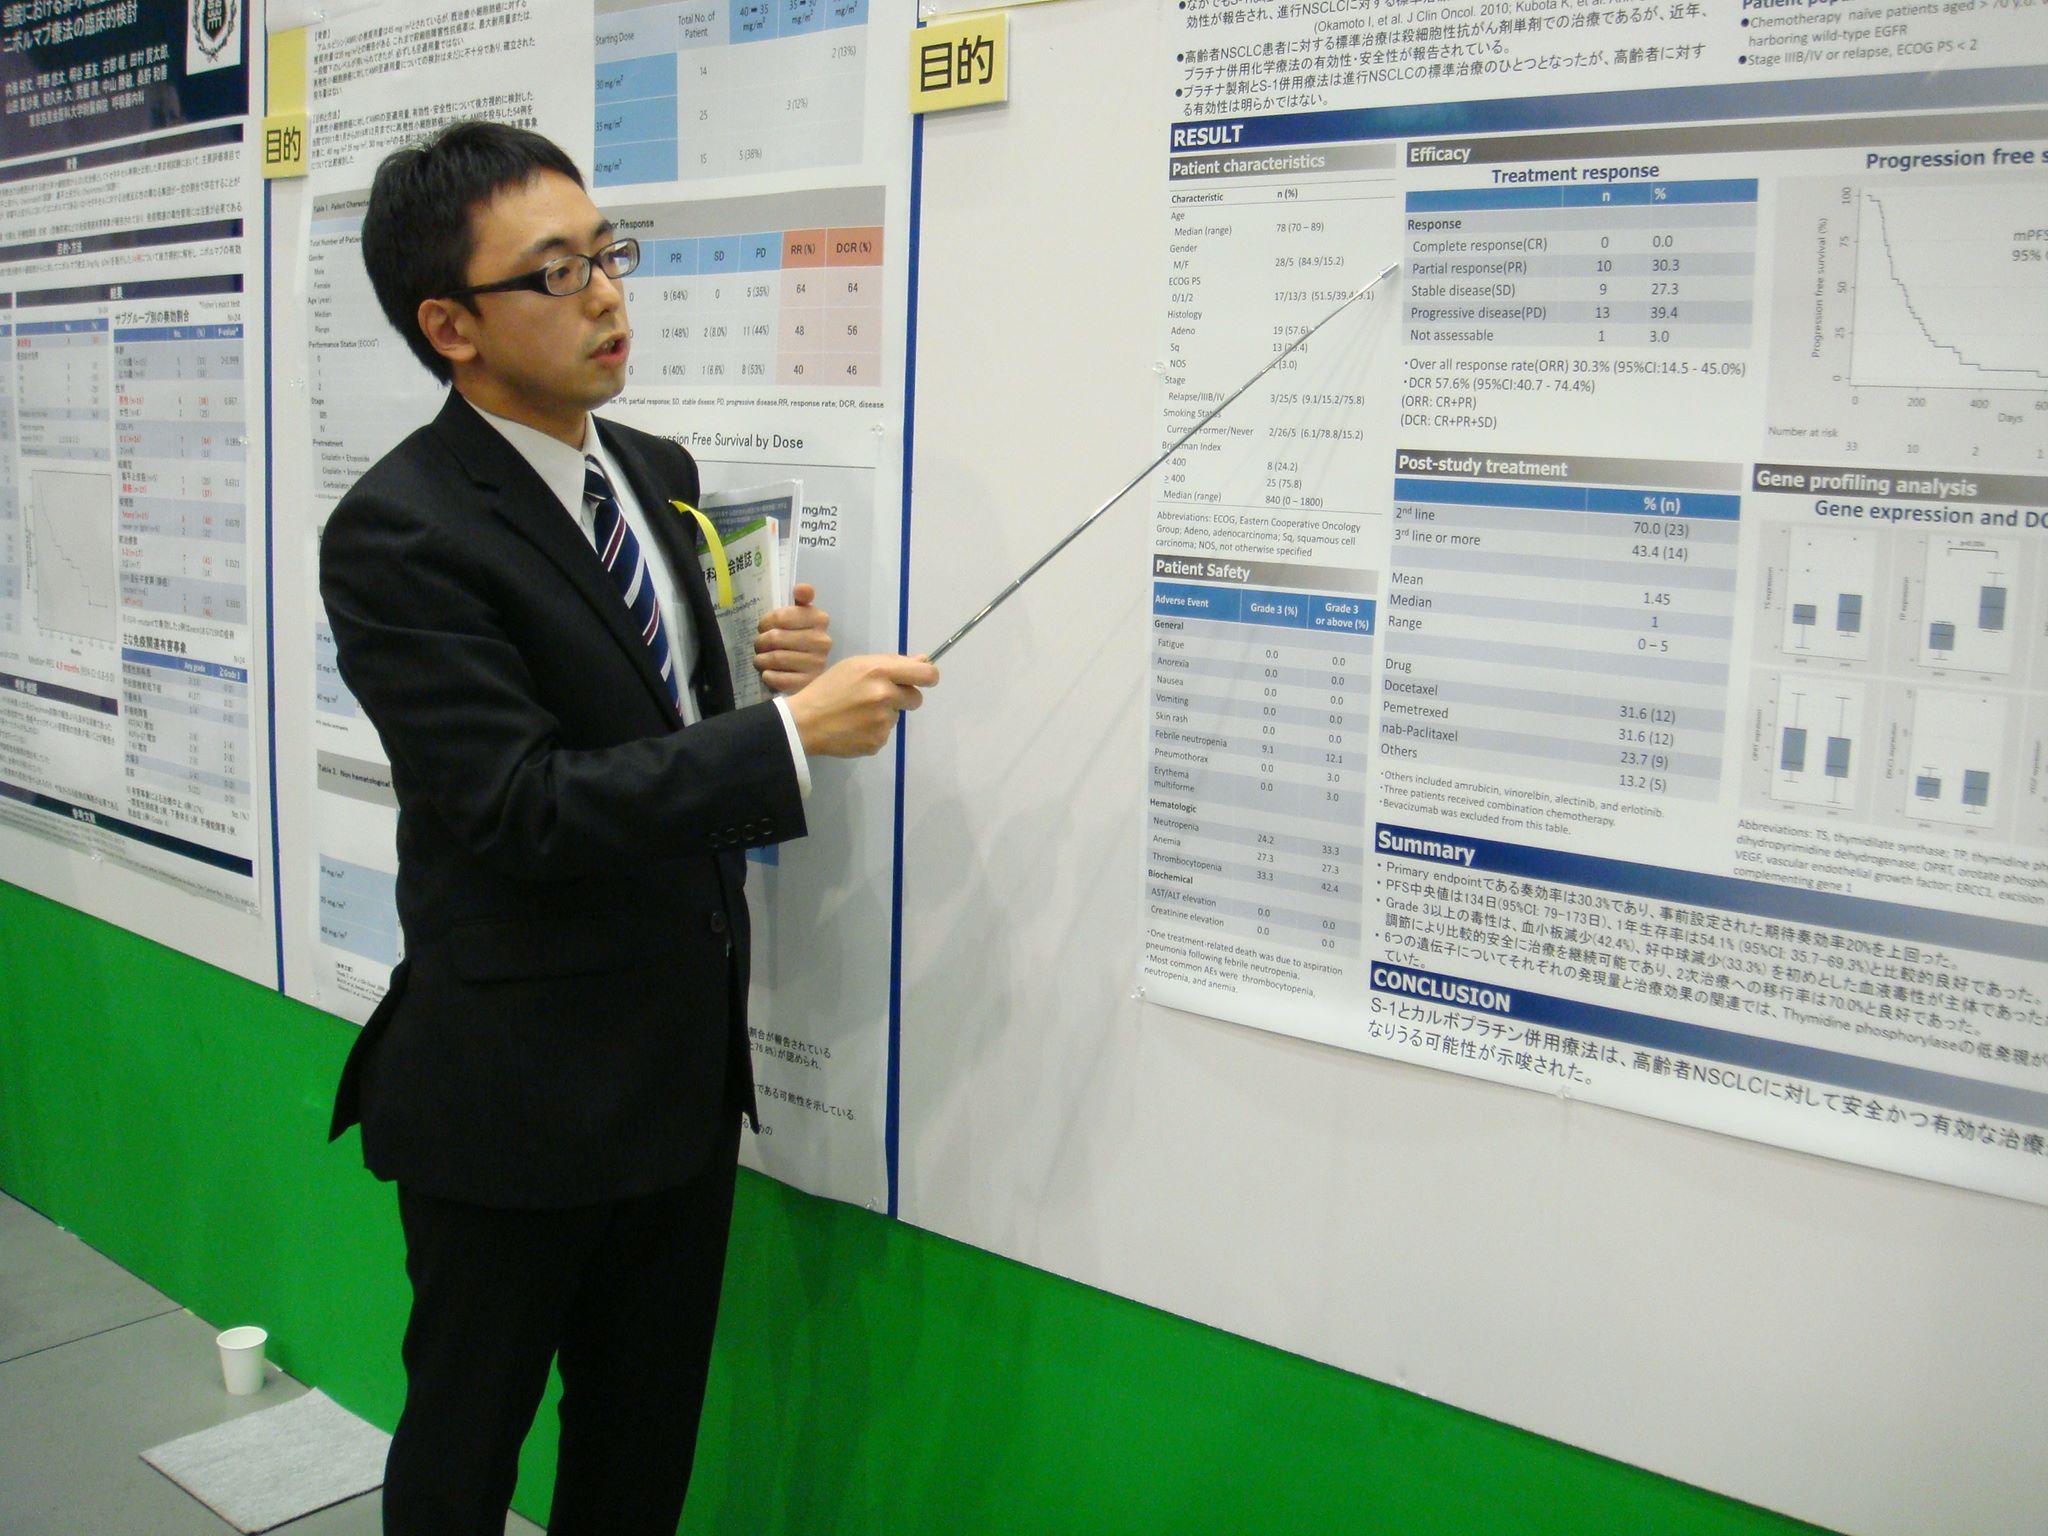 第114回日本内科学会総会(西井和也先生)